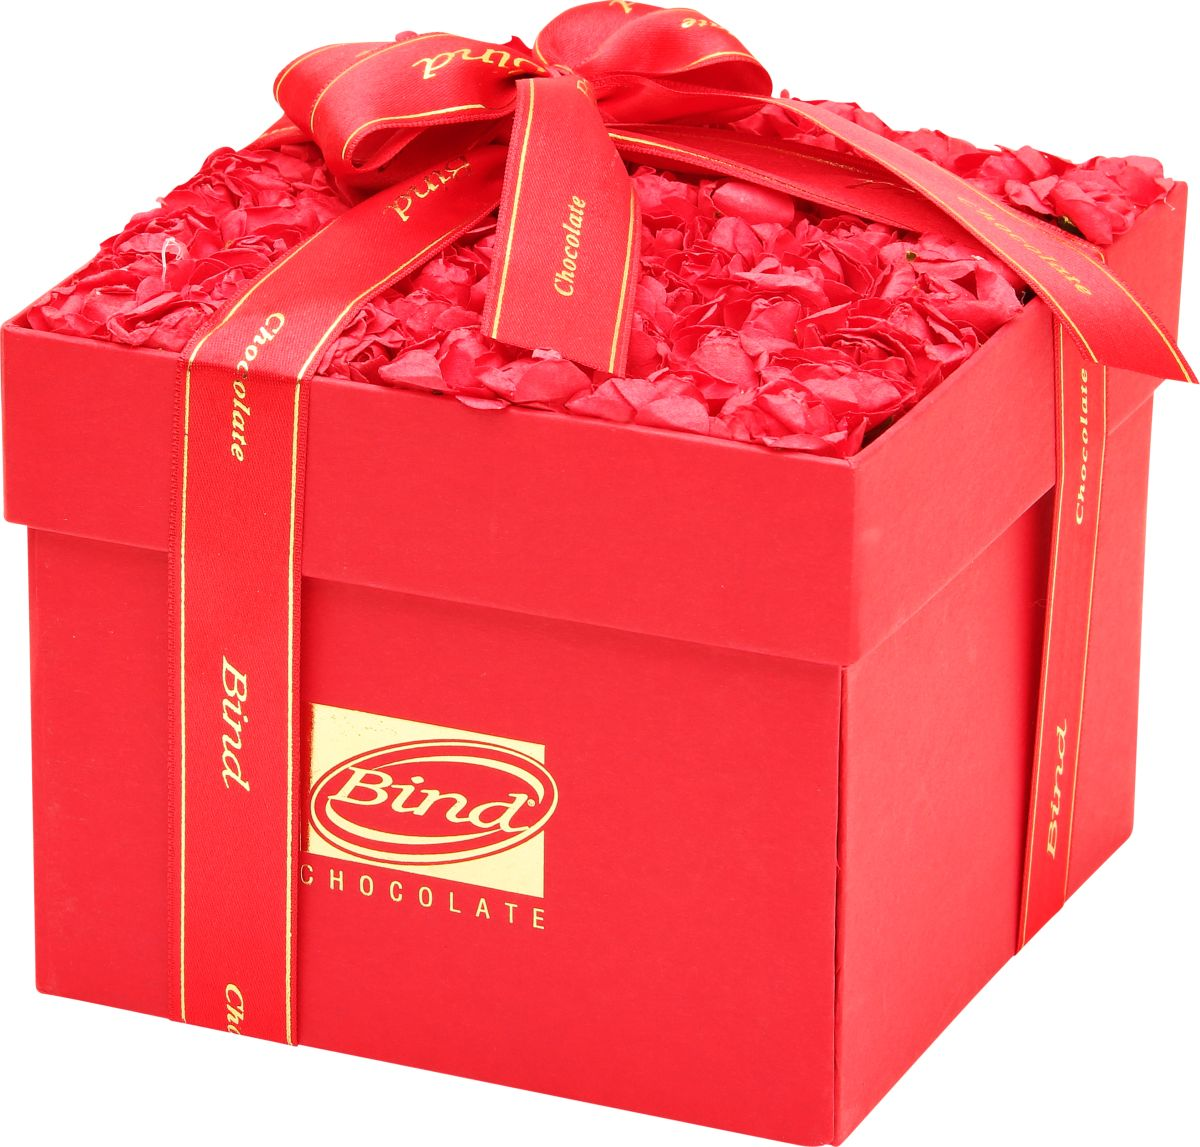 Bind Сюрприз набор шоколадных конфет, 360 г kinder mini mix подарочный набор 106 5 г